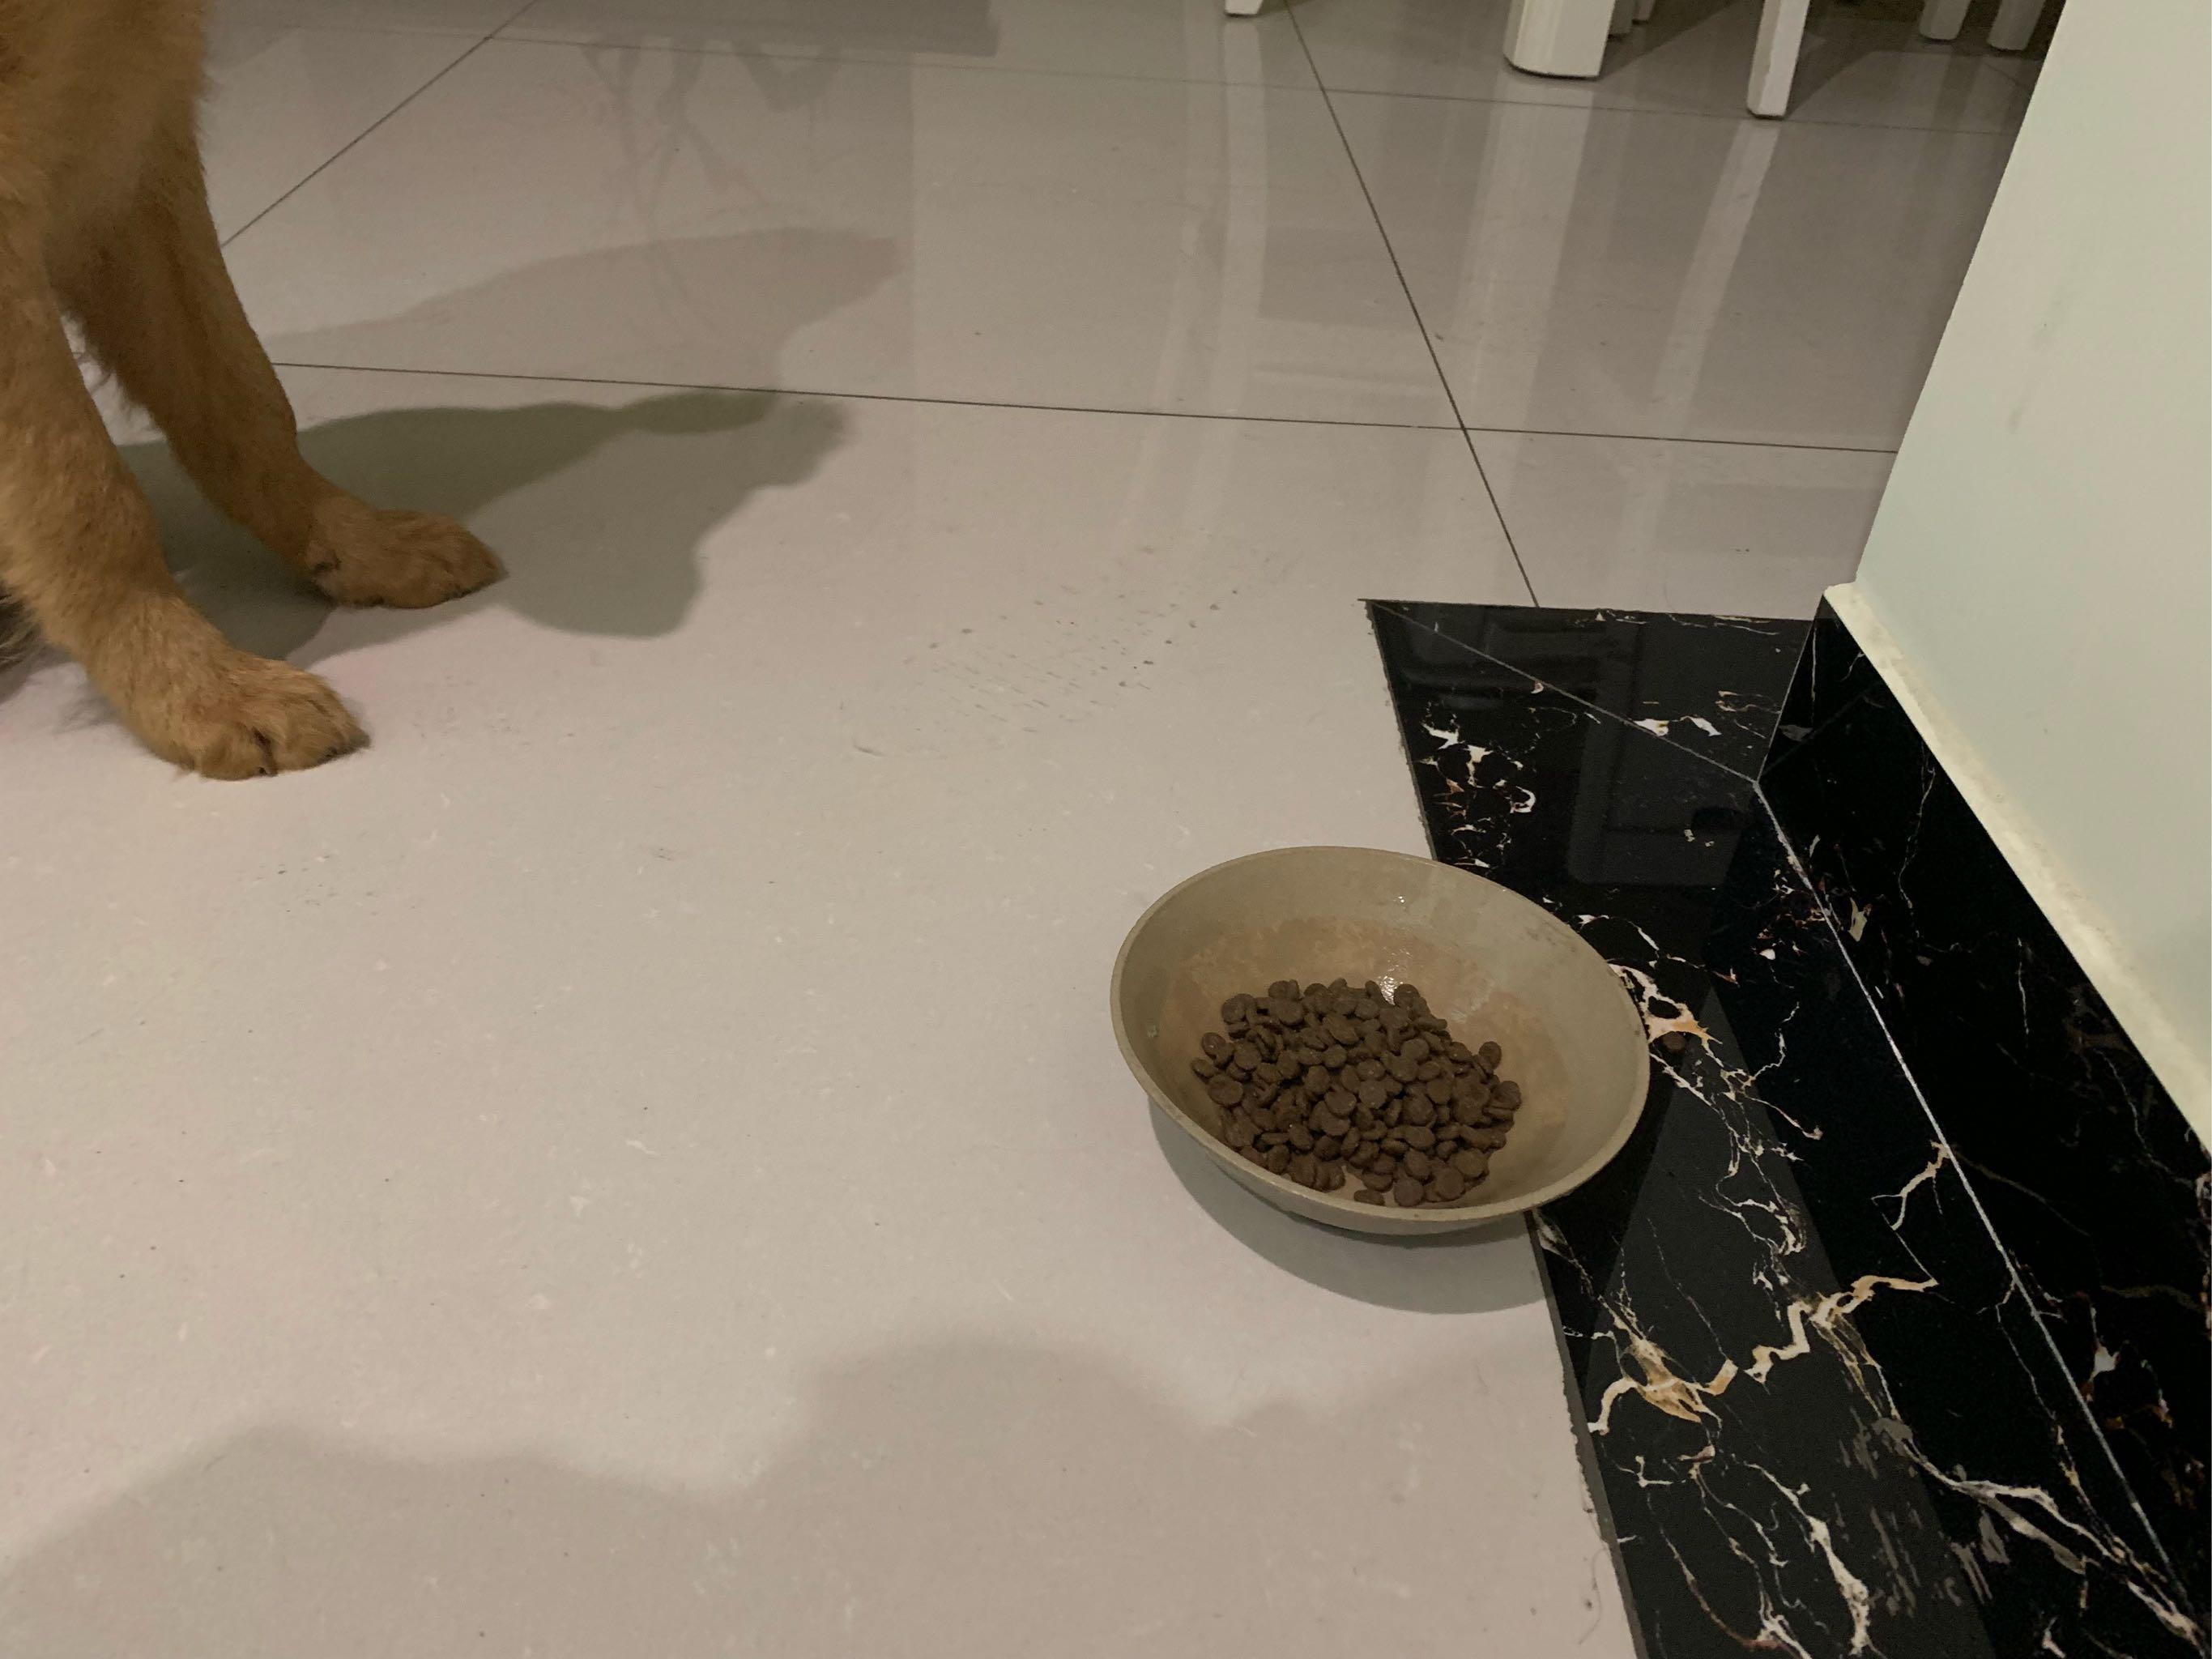 给金毛买的Nourse卫仕狗粮,狗狗非常喜欢吃